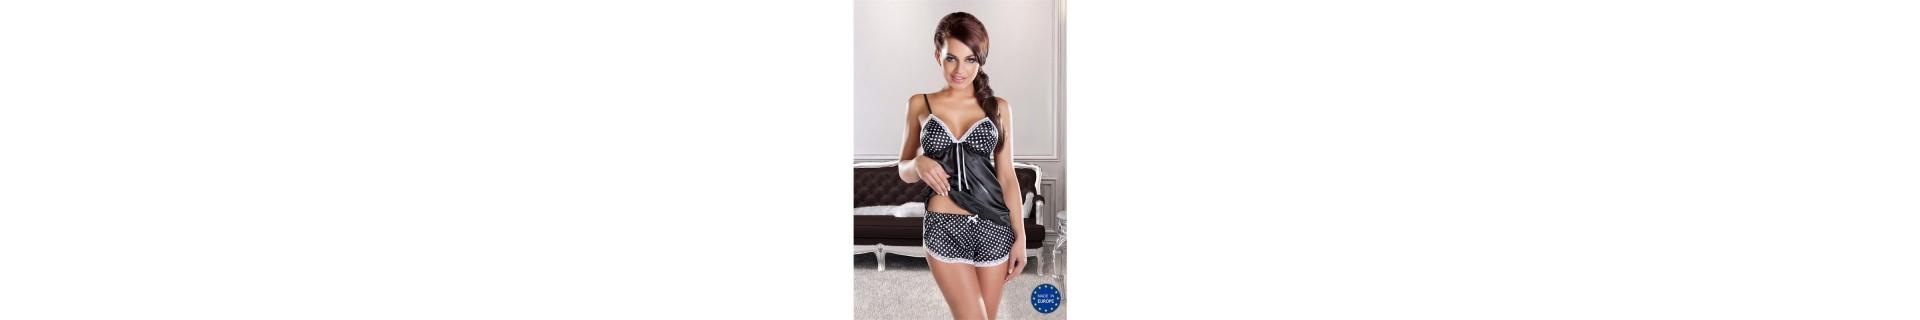 Comprar pijamas eróticos online 【Envío discreto】 ❤️